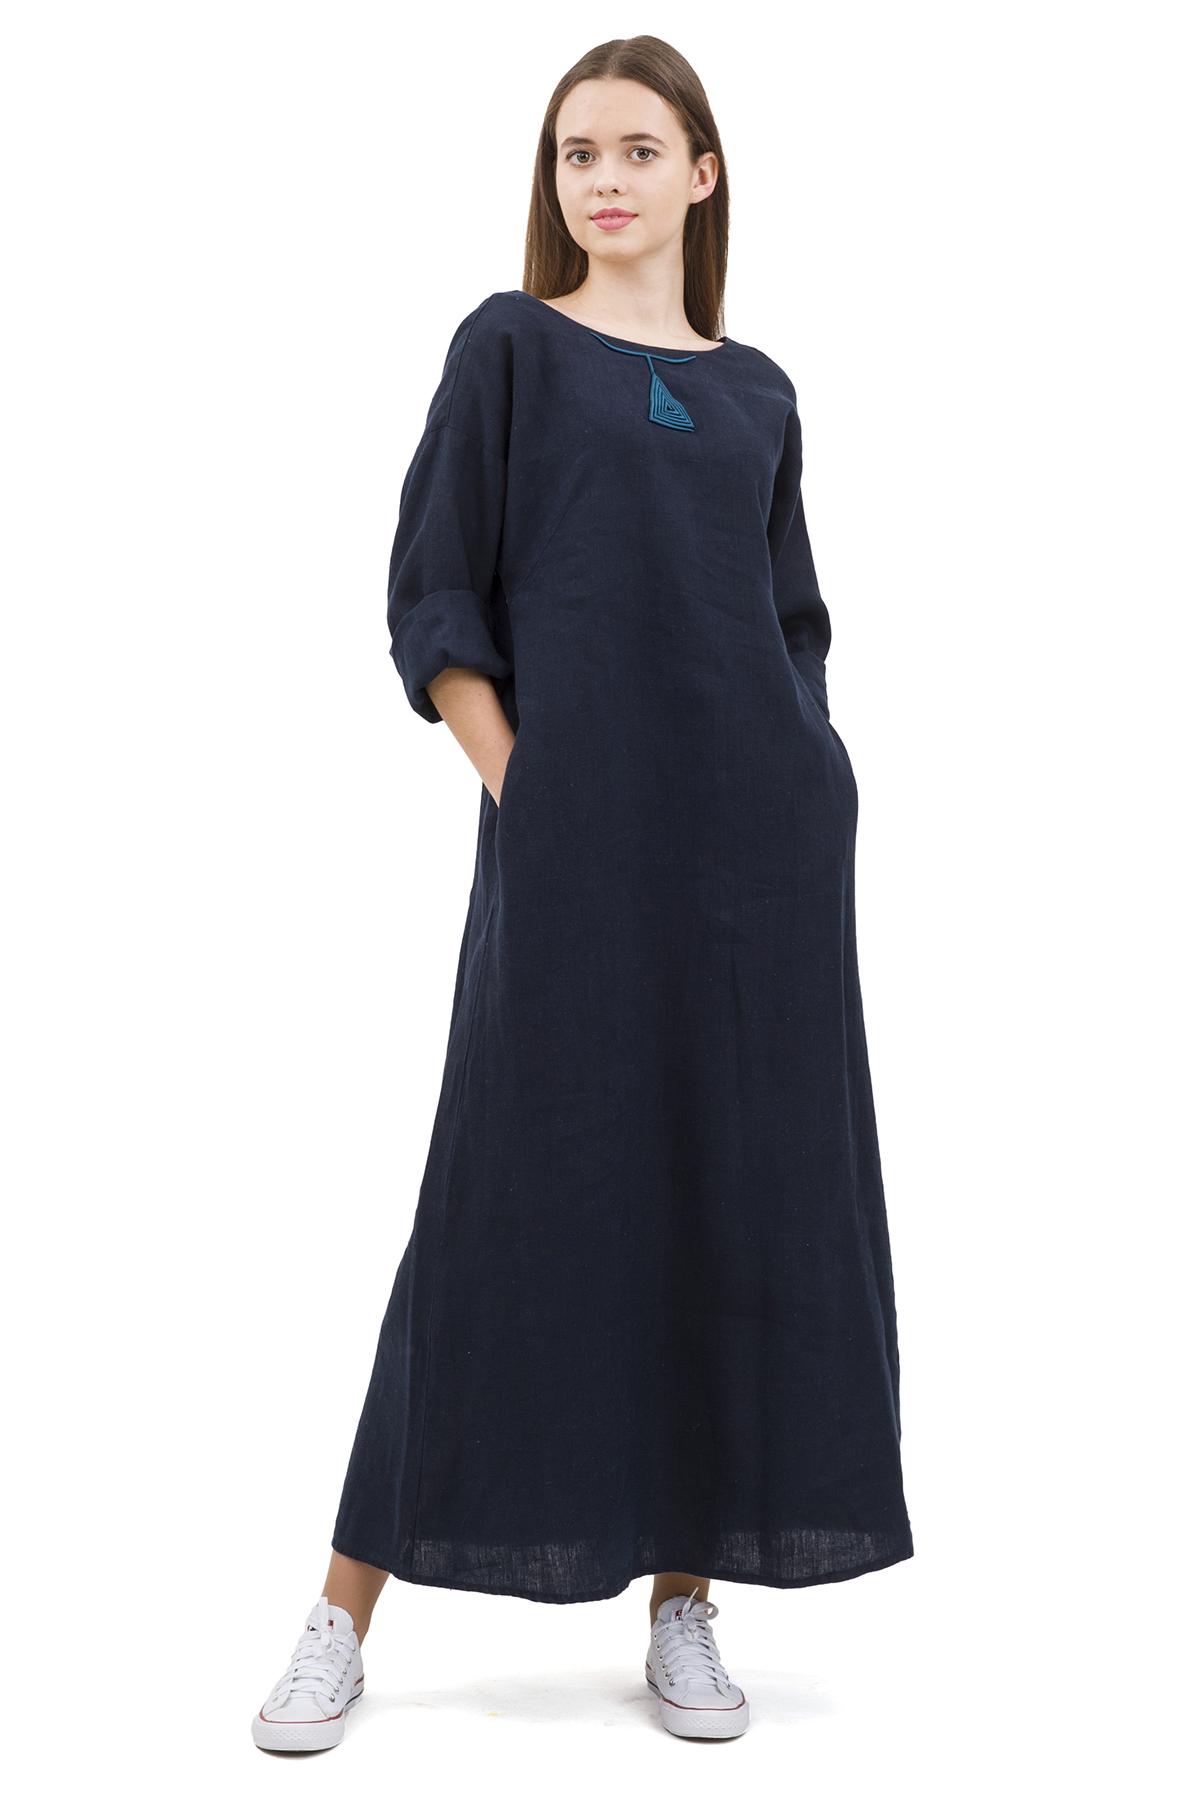 ПлатьеПлатья,  сарафаны<br>Стильное платье выполнено из натуральной ткани - льна. Данная модель удачно подчеркнет красоту Вашей фигуры, а яркая расцветка  не оставит Вас незамеченной.<br><br>Цвет: темно-синий<br>Состав: 100% лен<br>Размер: 42,44,46,48,50,52,54,56<br>Страна дизайна: Россия<br>Страна производства: Россия